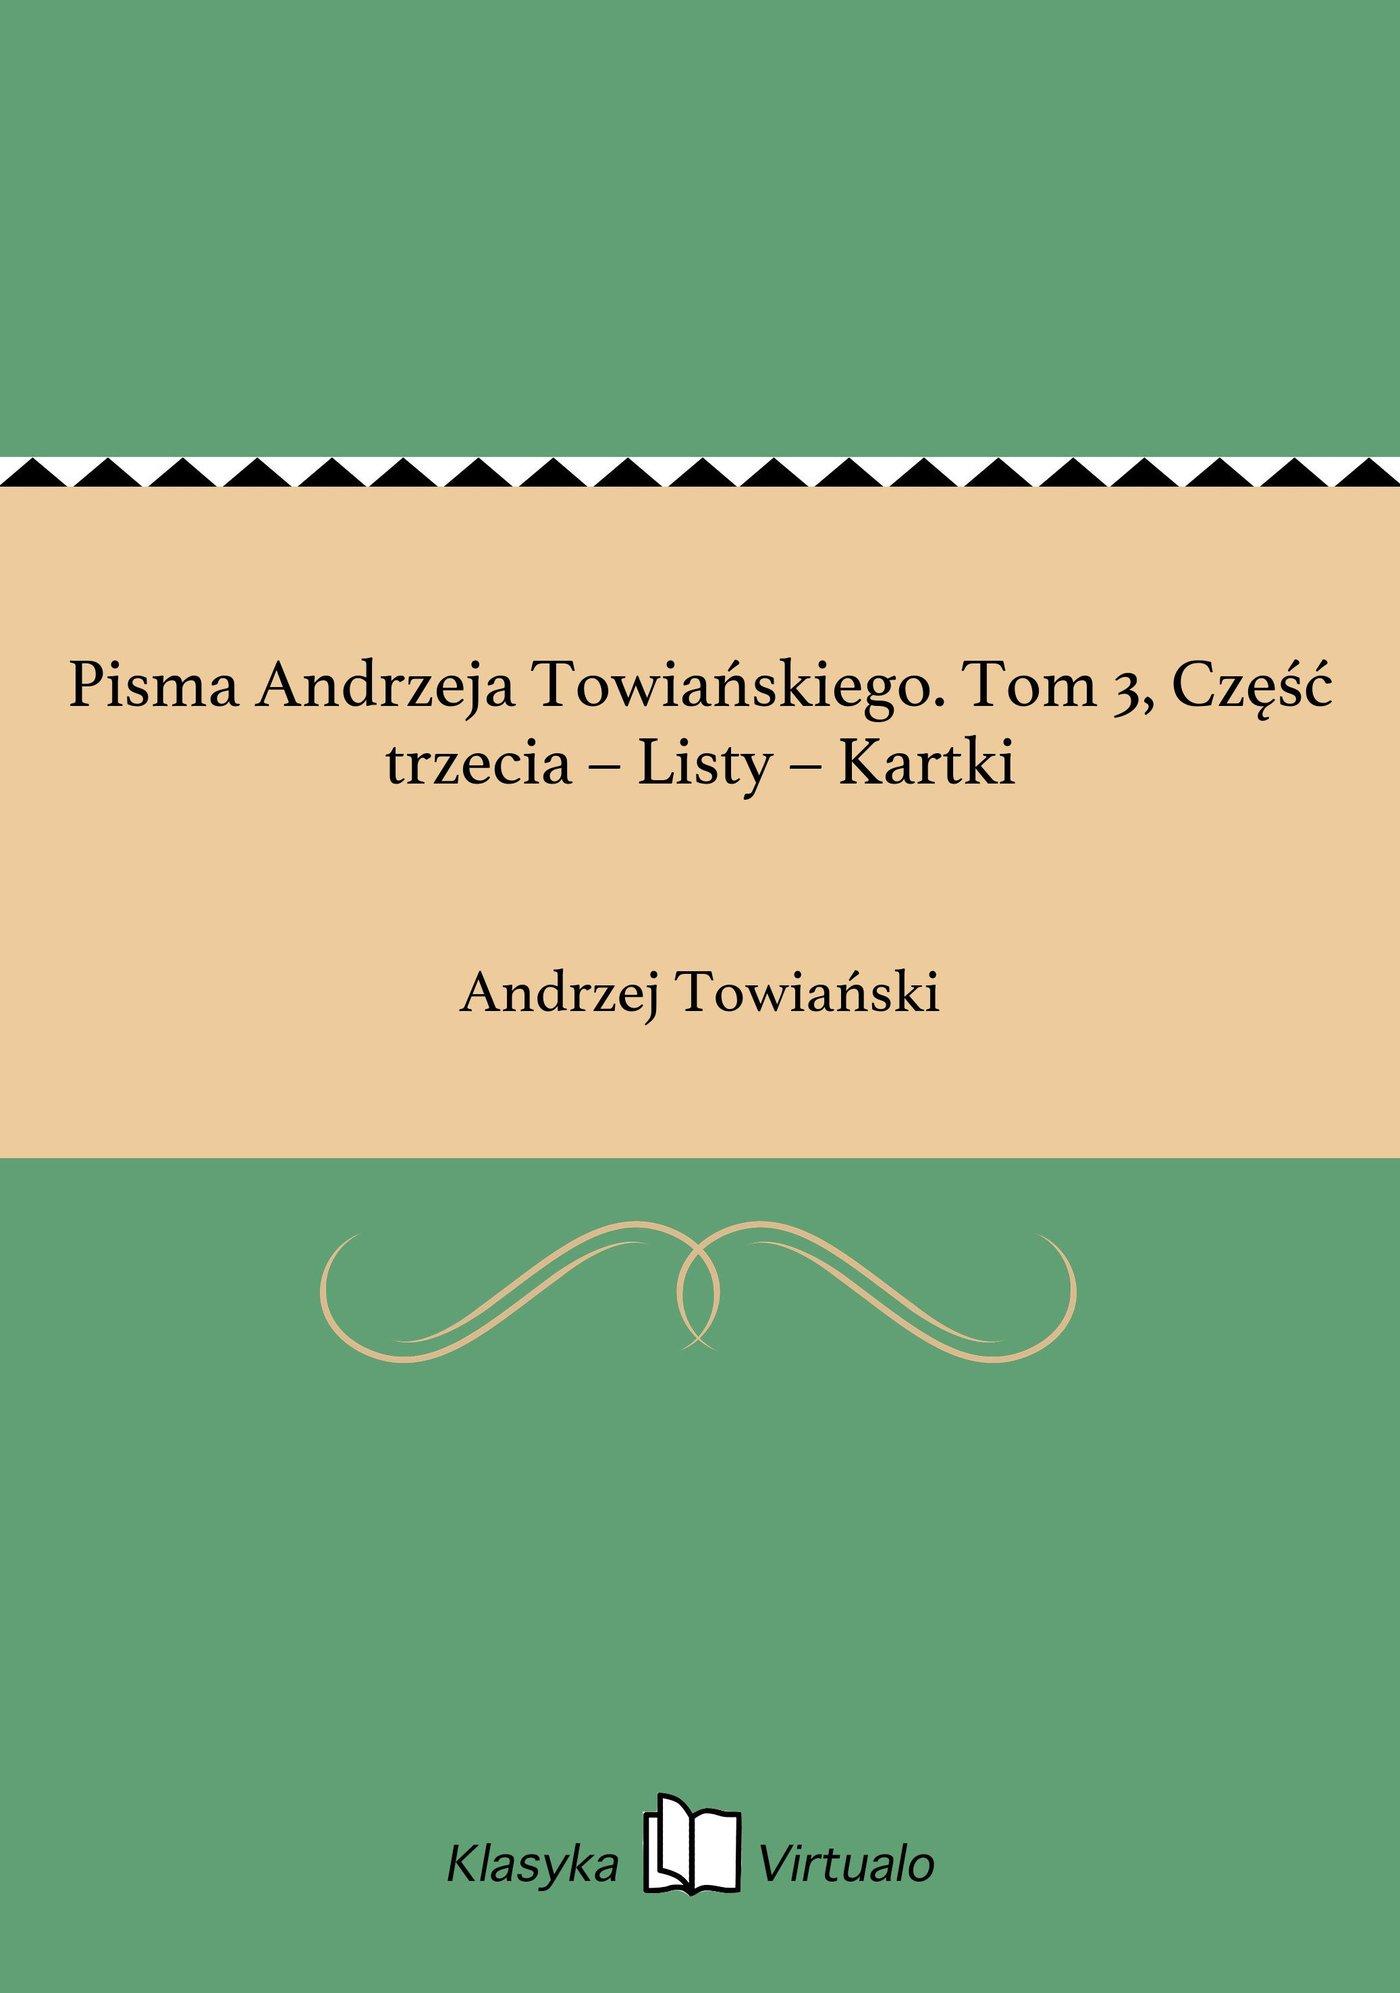 Pisma Andrzeja Towiańskiego. Tom 3, Część trzecia – Listy – Kartki - Ebook (Książka EPUB) do pobrania w formacie EPUB